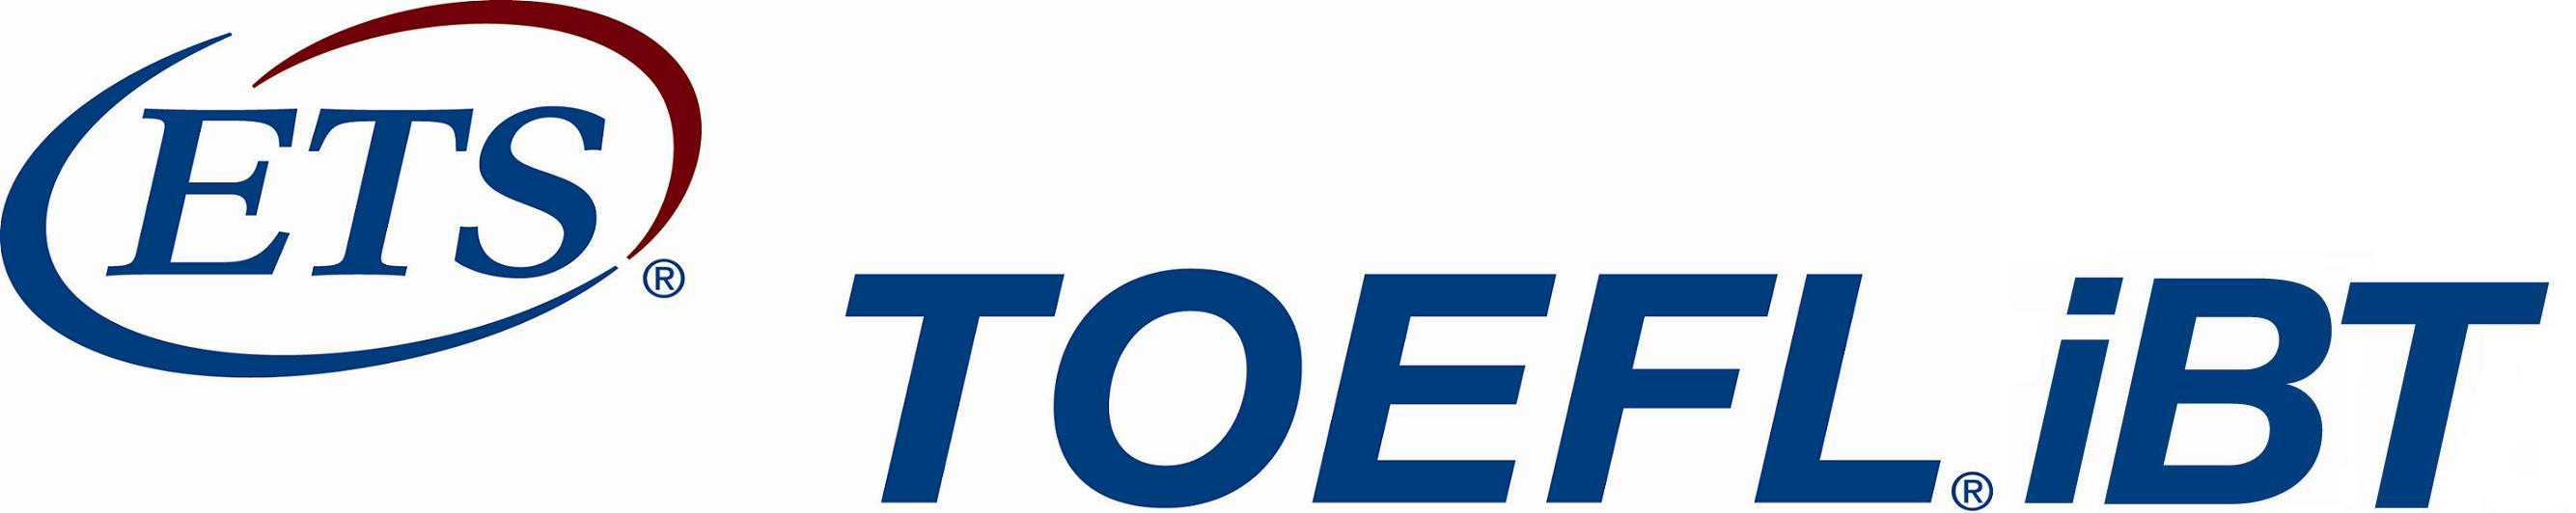 ETS_TOEFL_iBT